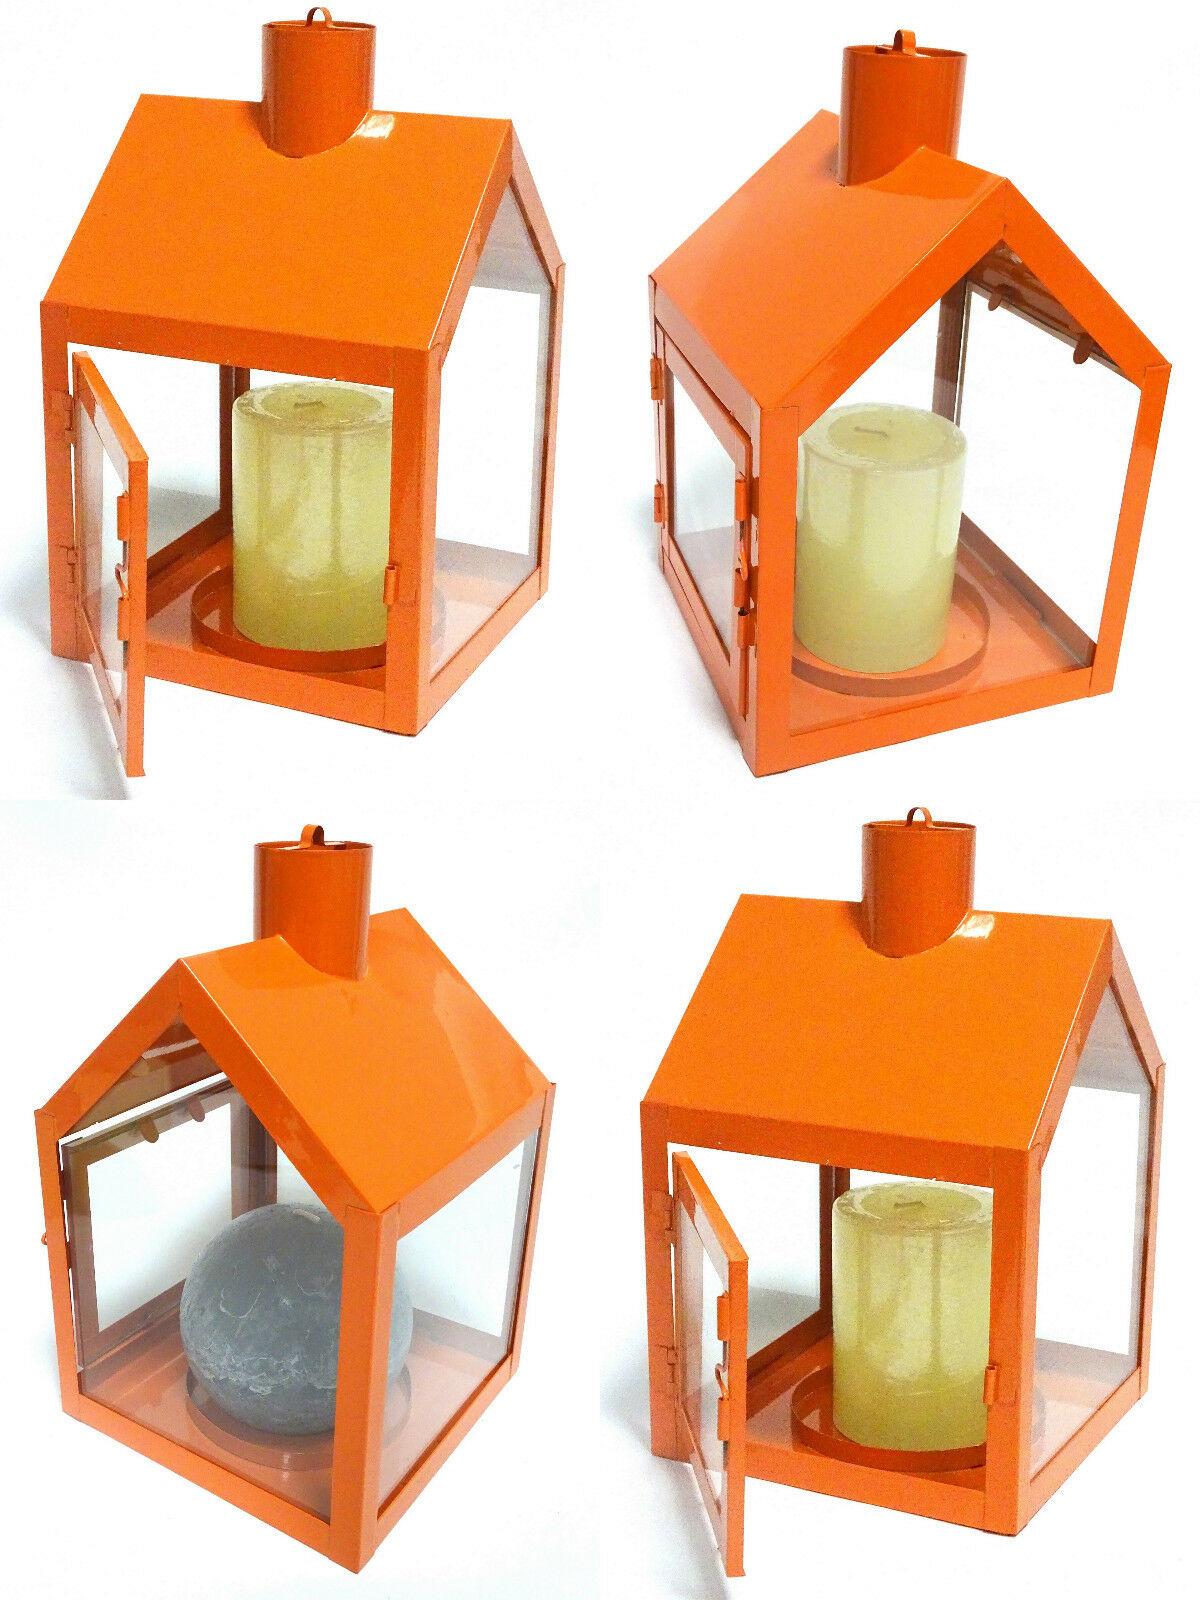 4 x Windlicht Laterne HAUS aus Metall 230 x 150 x 155 mm Kerzenhalter Orange - 4 Stück